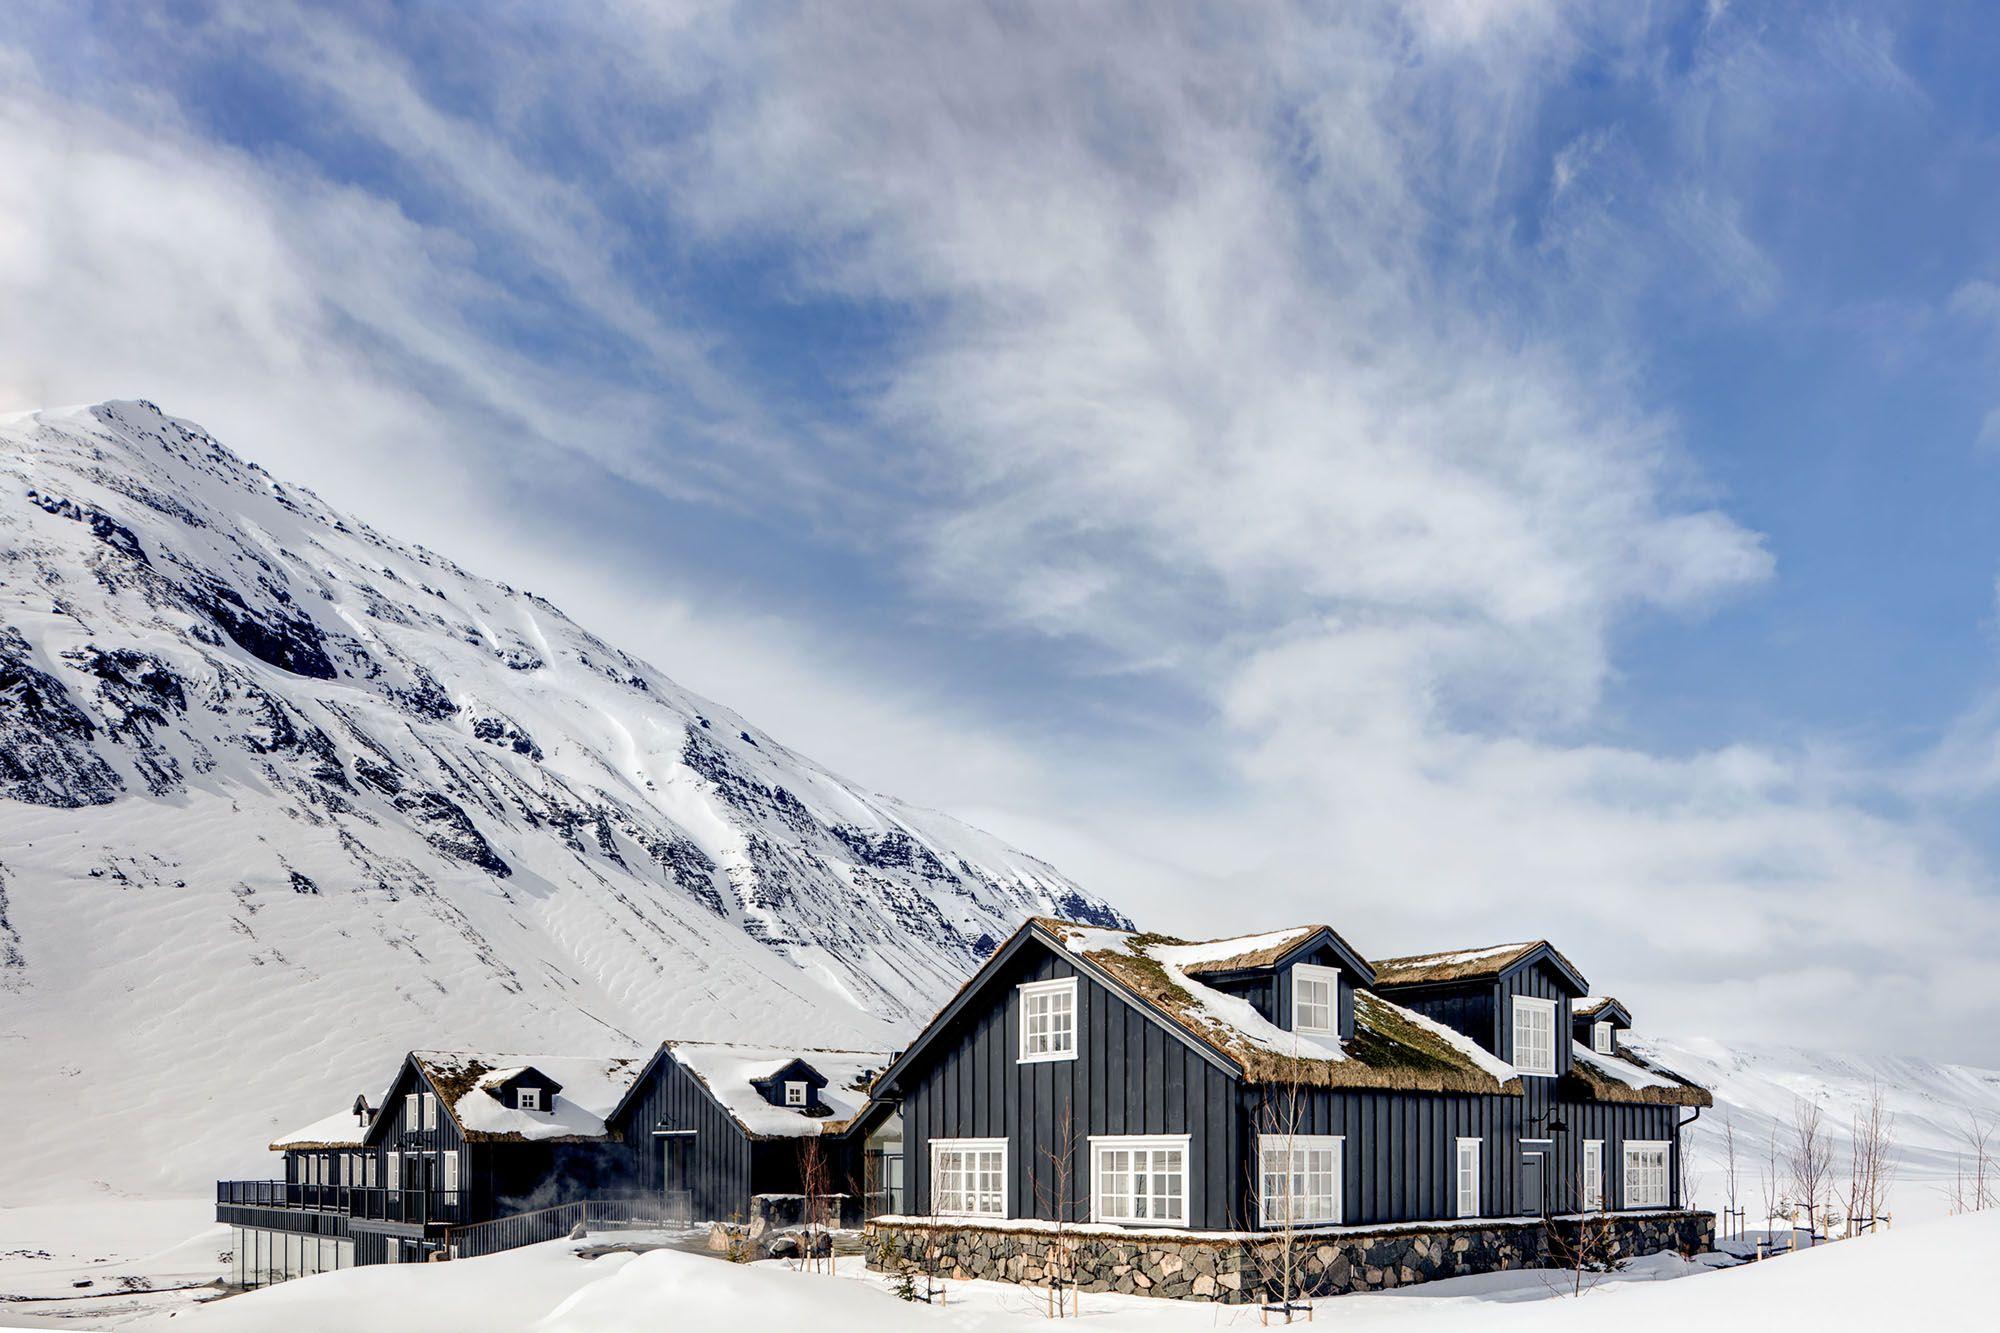 在野外冰上垂釣,然後回到舒適的冰島Deplar農莊暖暖身(圖片來源:Mr&Mrs Smith)